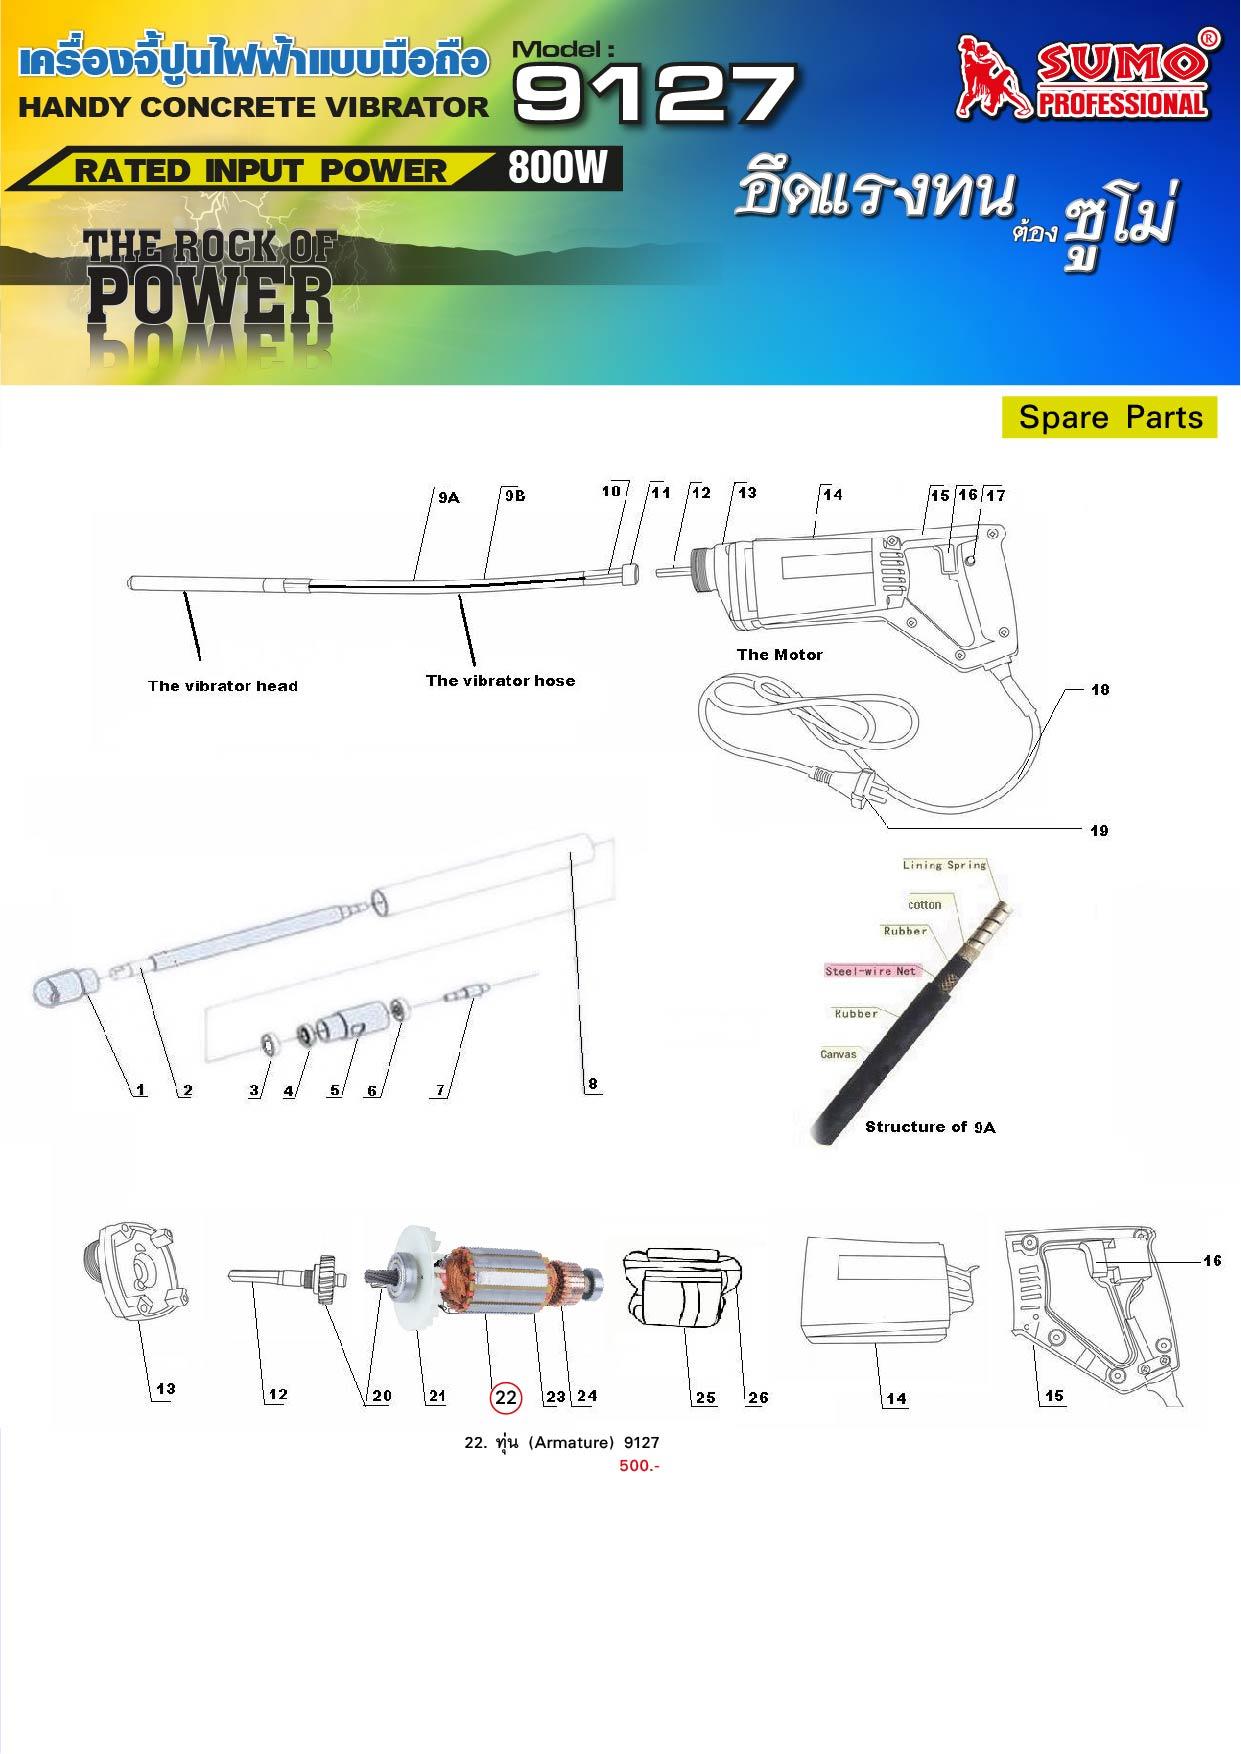 (102/312) เครื่องจี้ปูนไฟฟ้า 9127